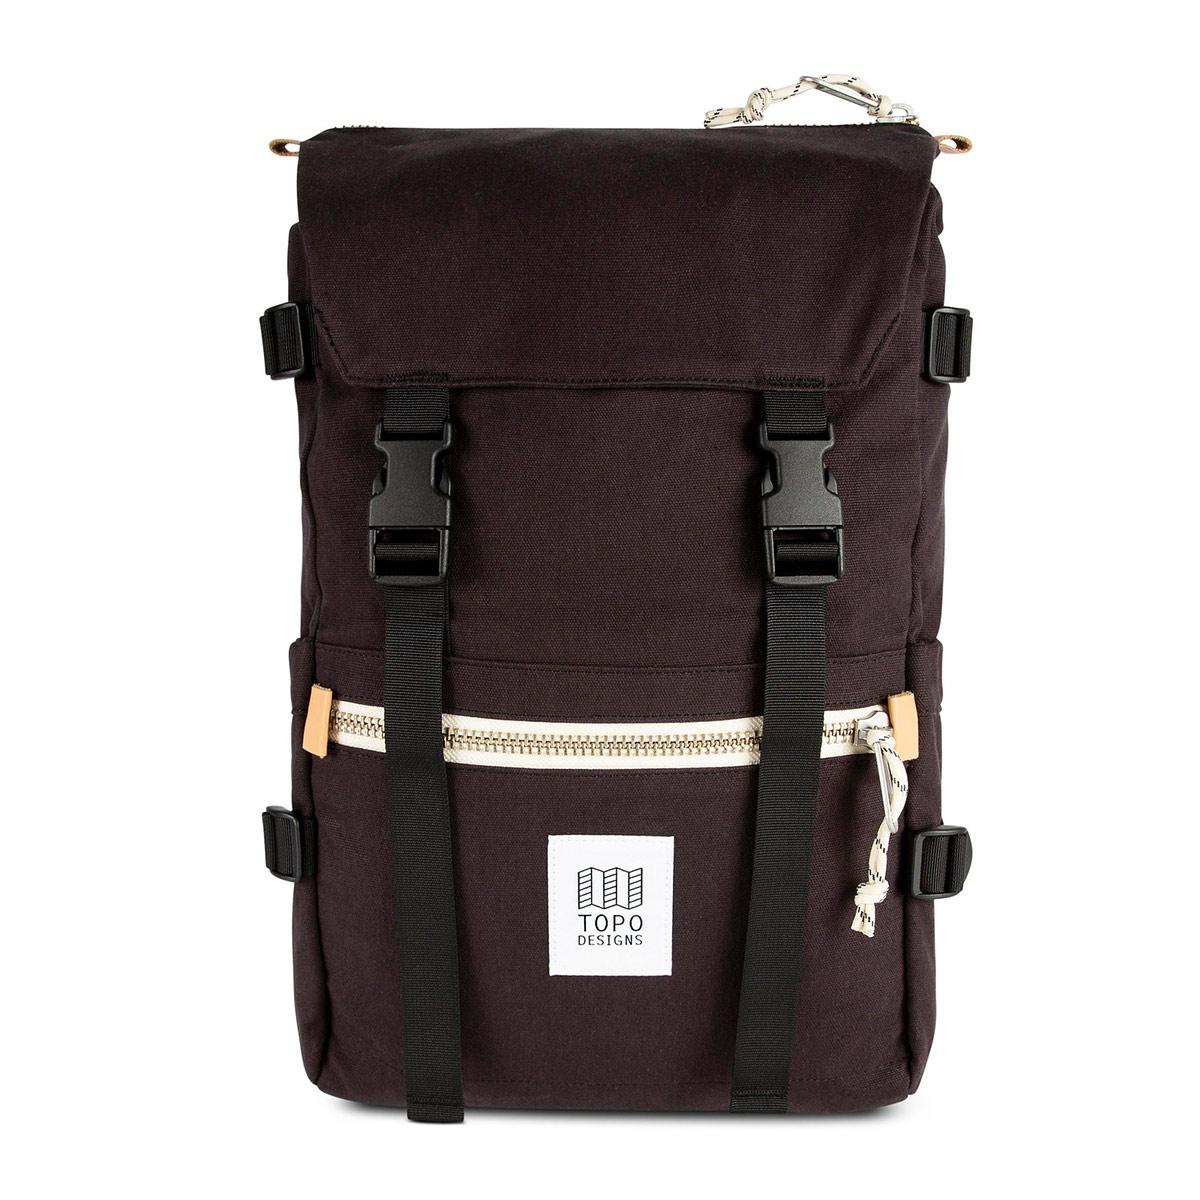 Topo Designs Rover Pack Canvas Black, een op de bergen geïnspireerde rugzak ontmoet urban city stijl.